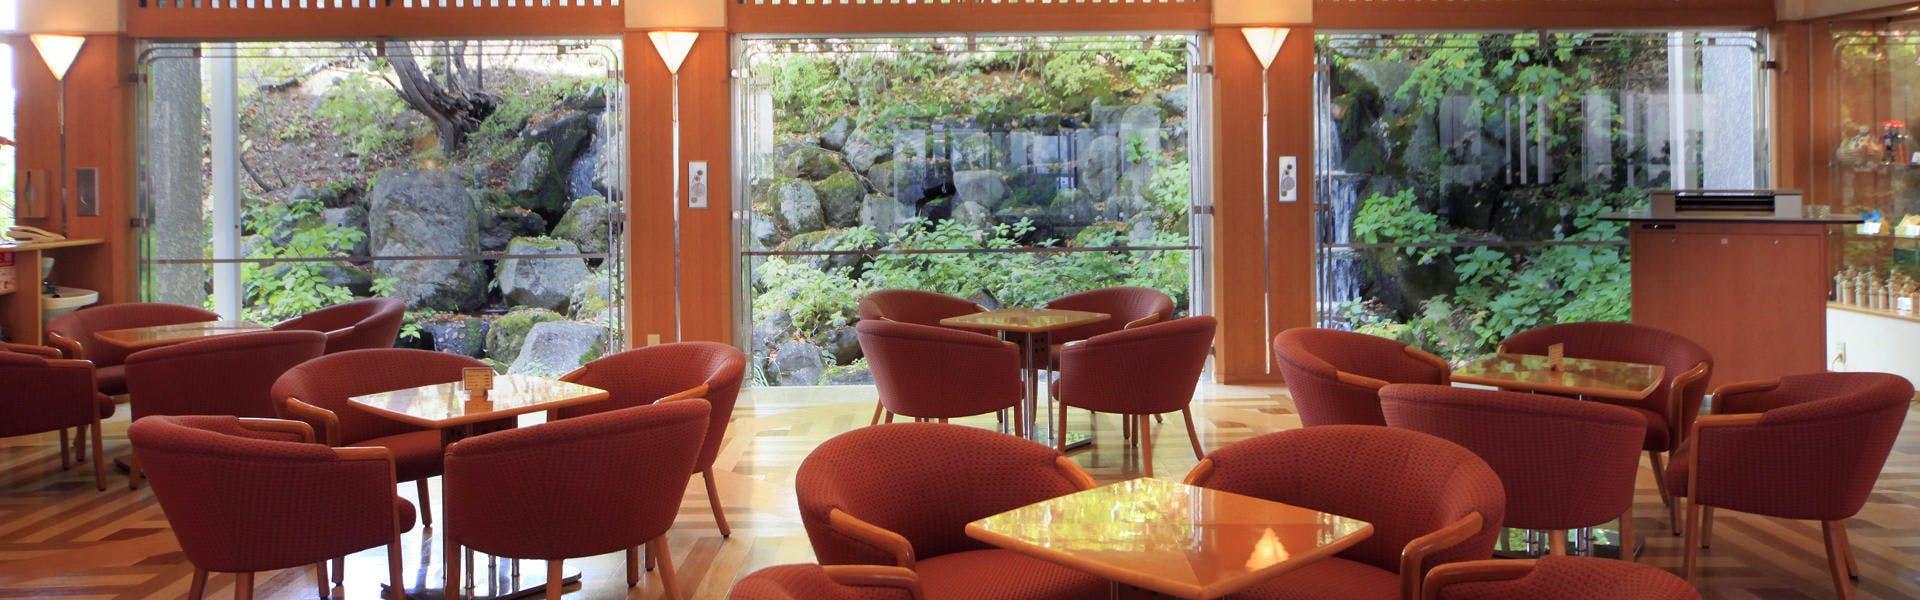 記念日におすすめのホテル・八右衛門の湯 蔵王国際ホテルの写真3